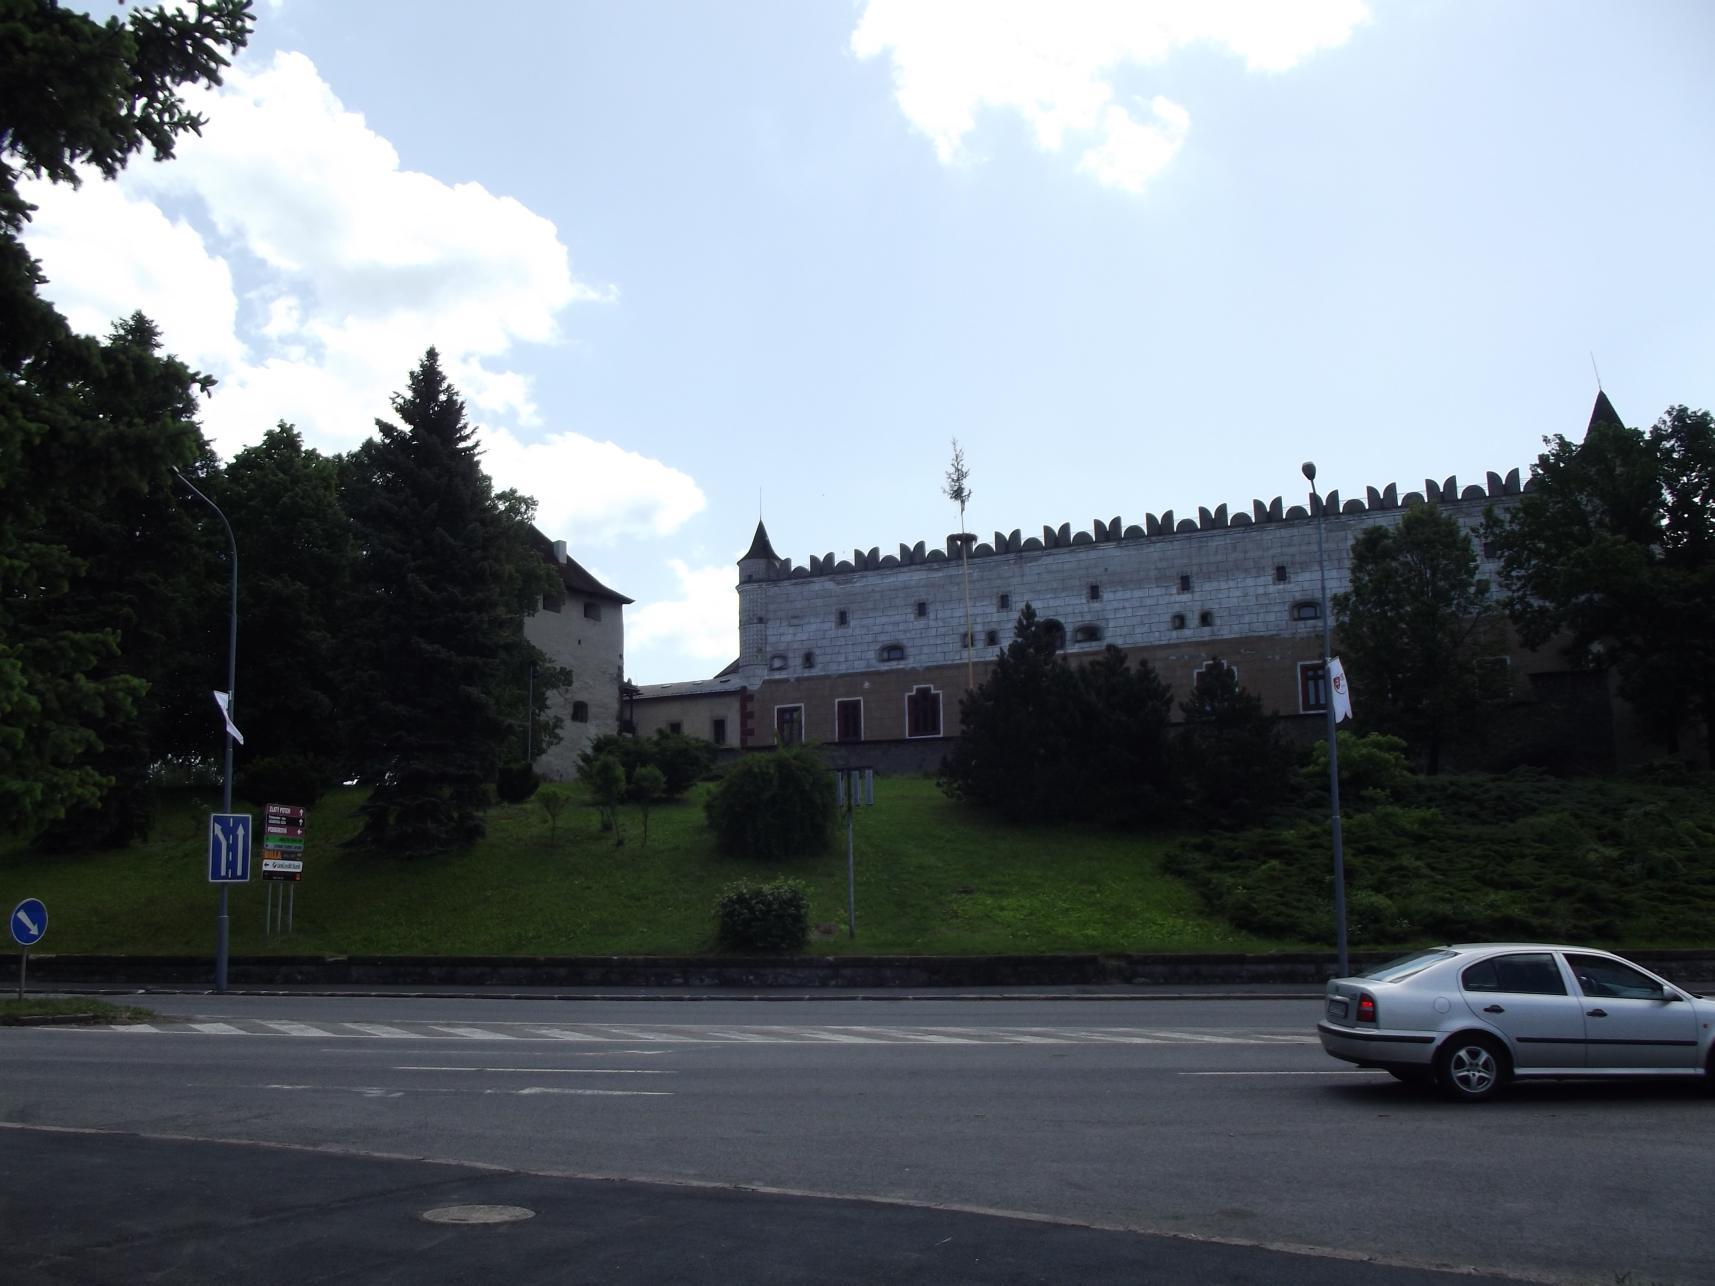 35_A vár